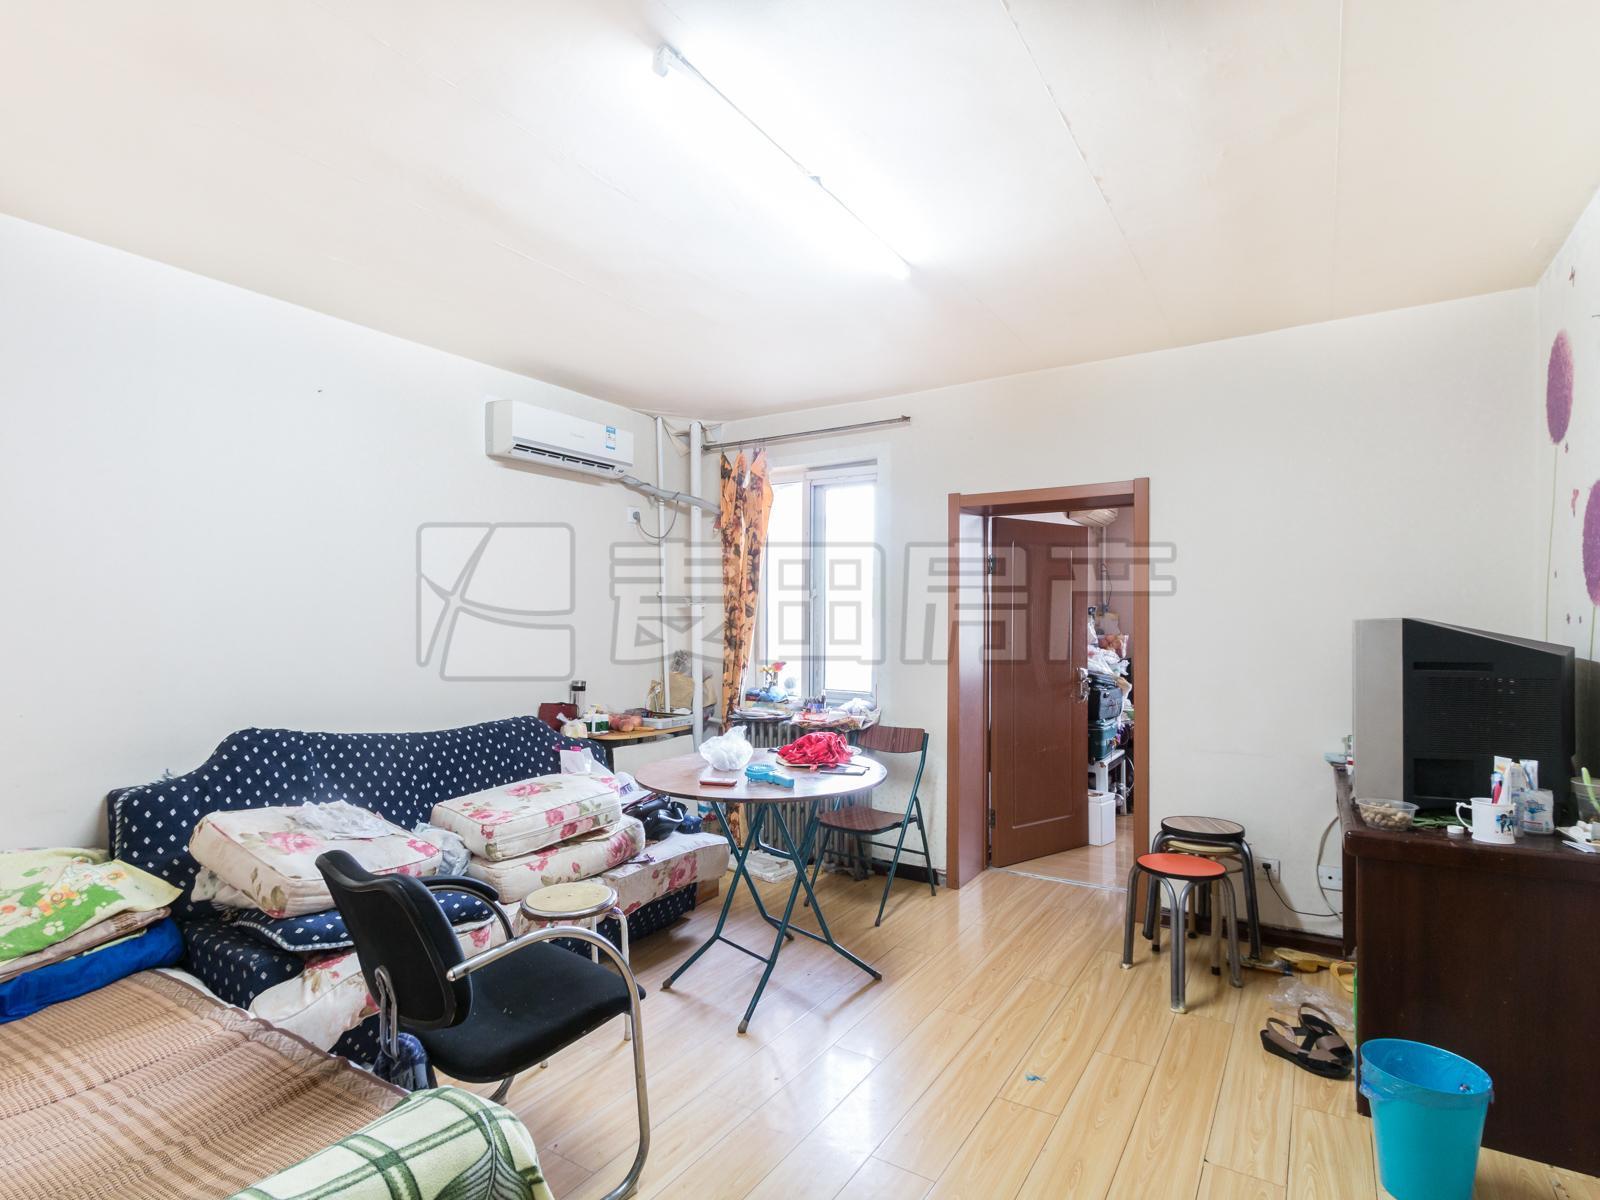 马连洼+菊园+2层+满五年+看房预约+里面是租户+中间位置+房源